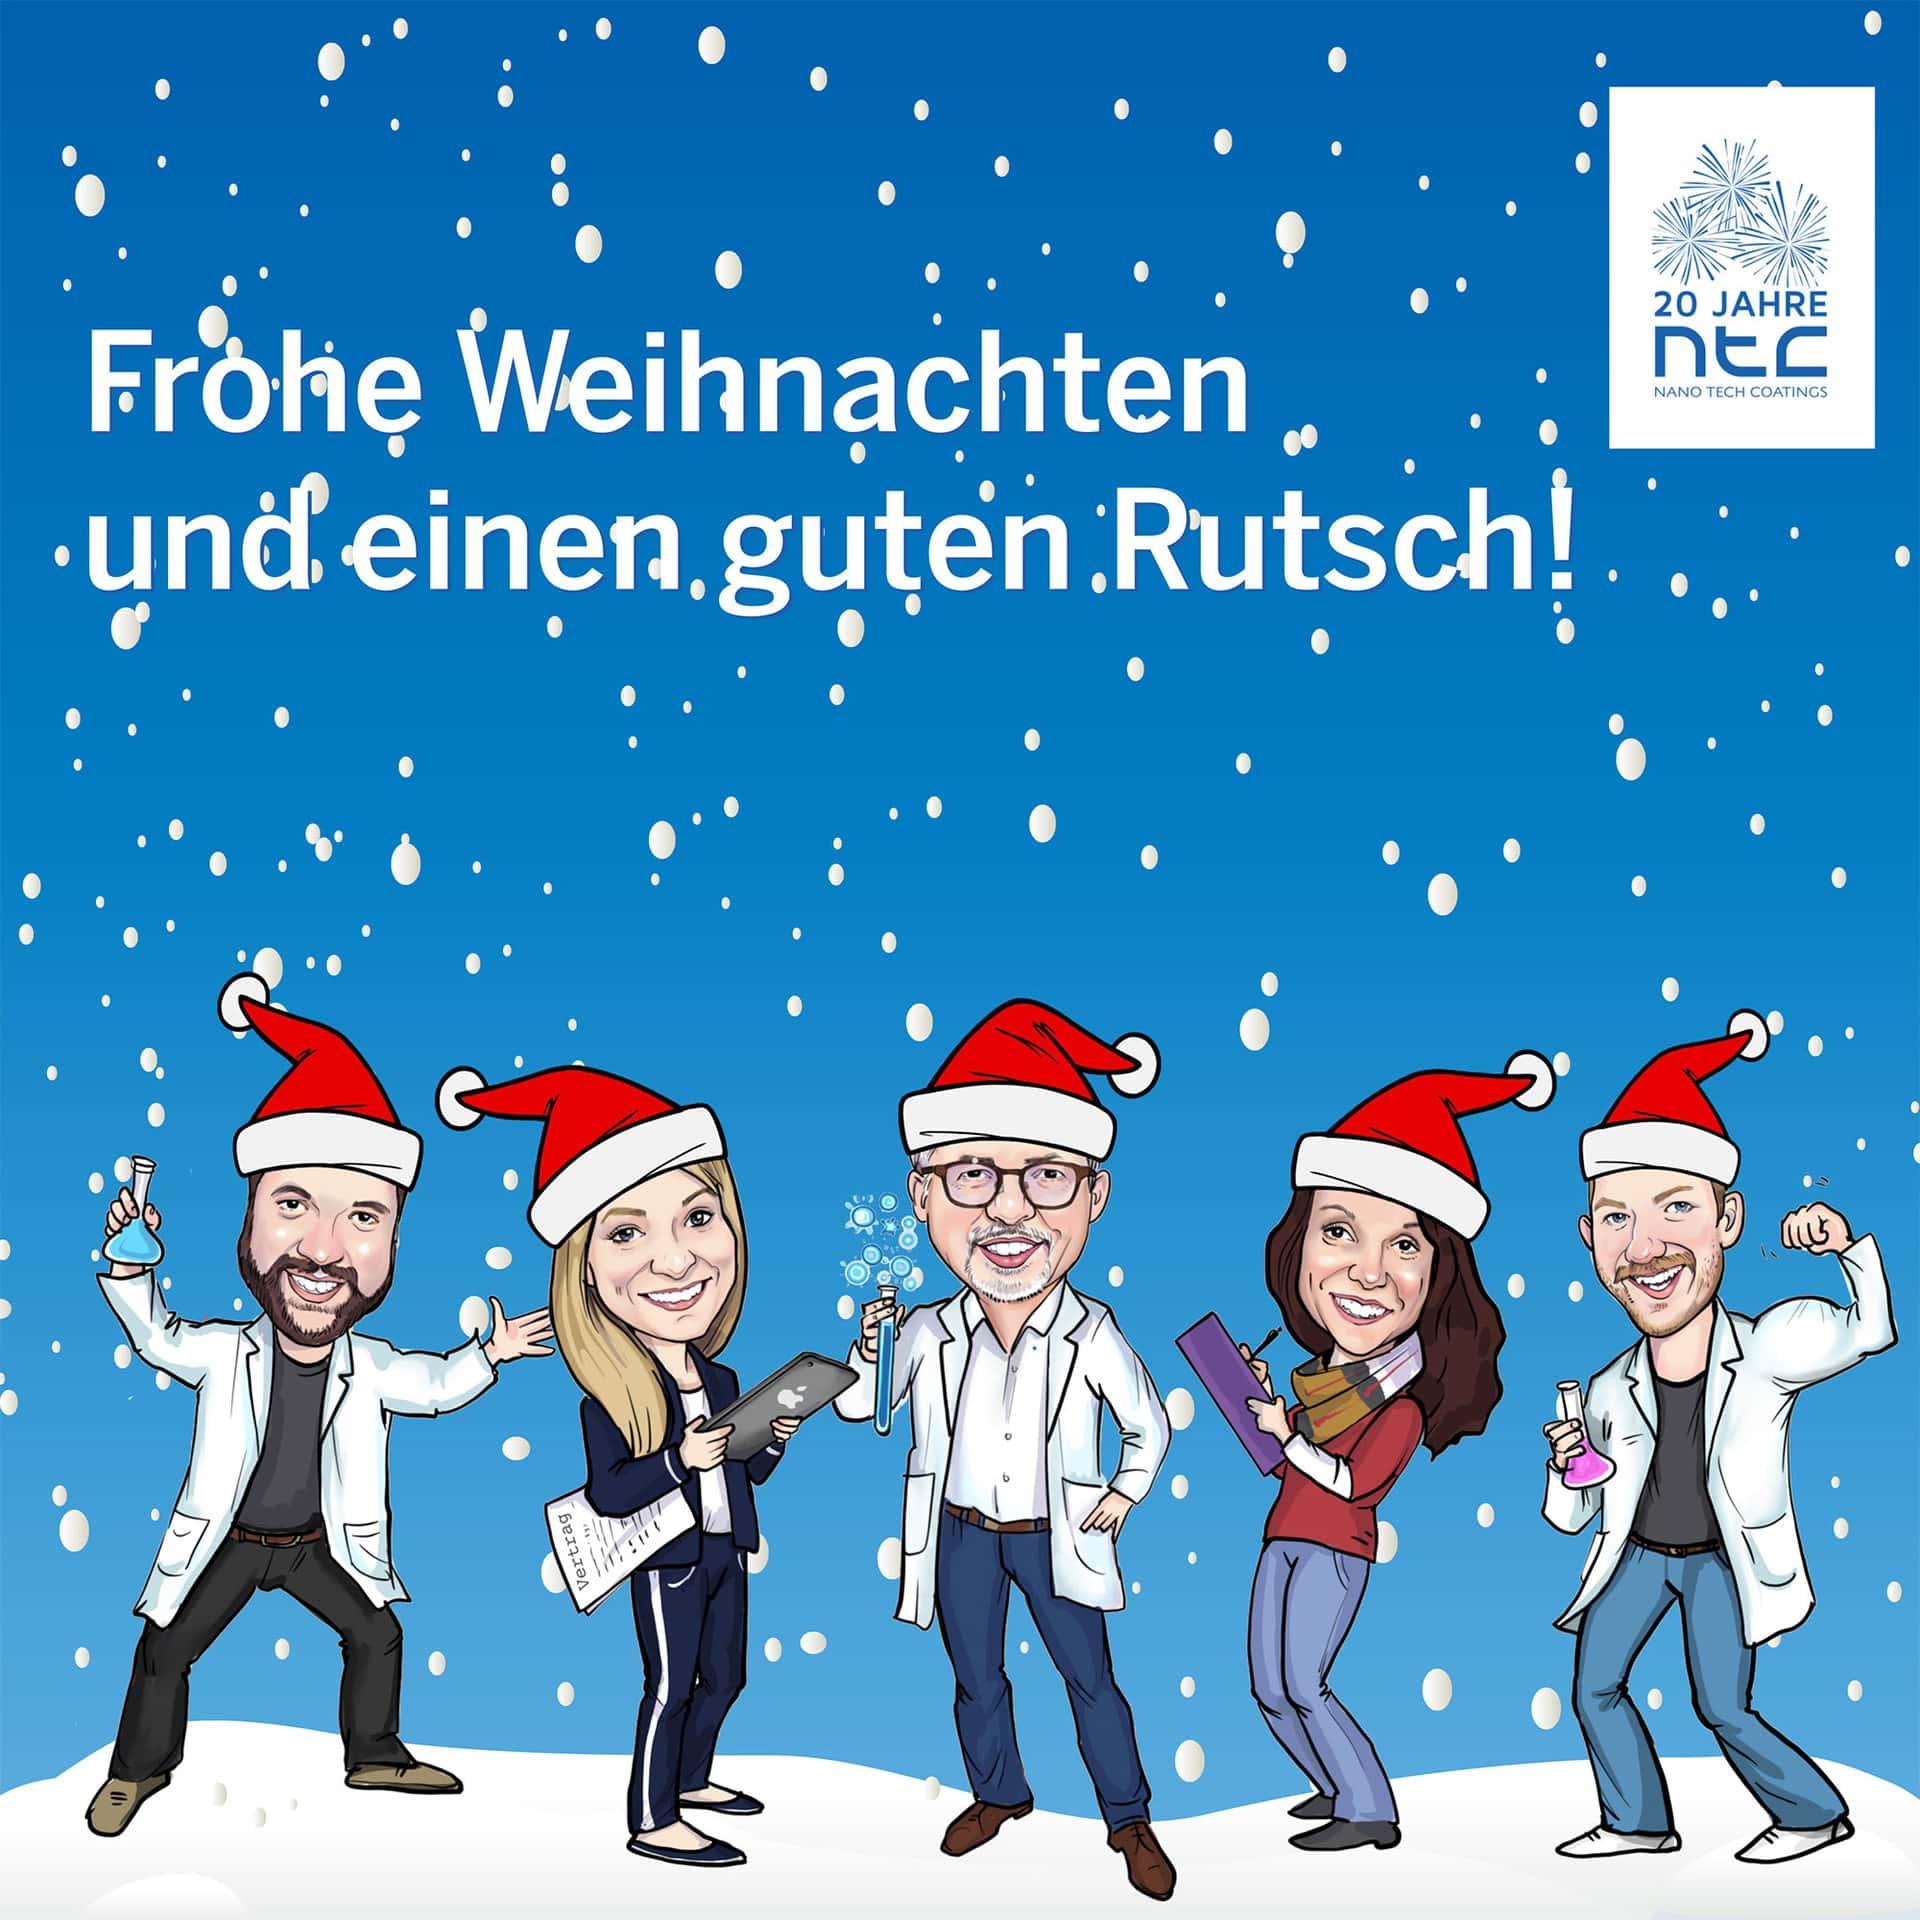 NTC Weihnachten